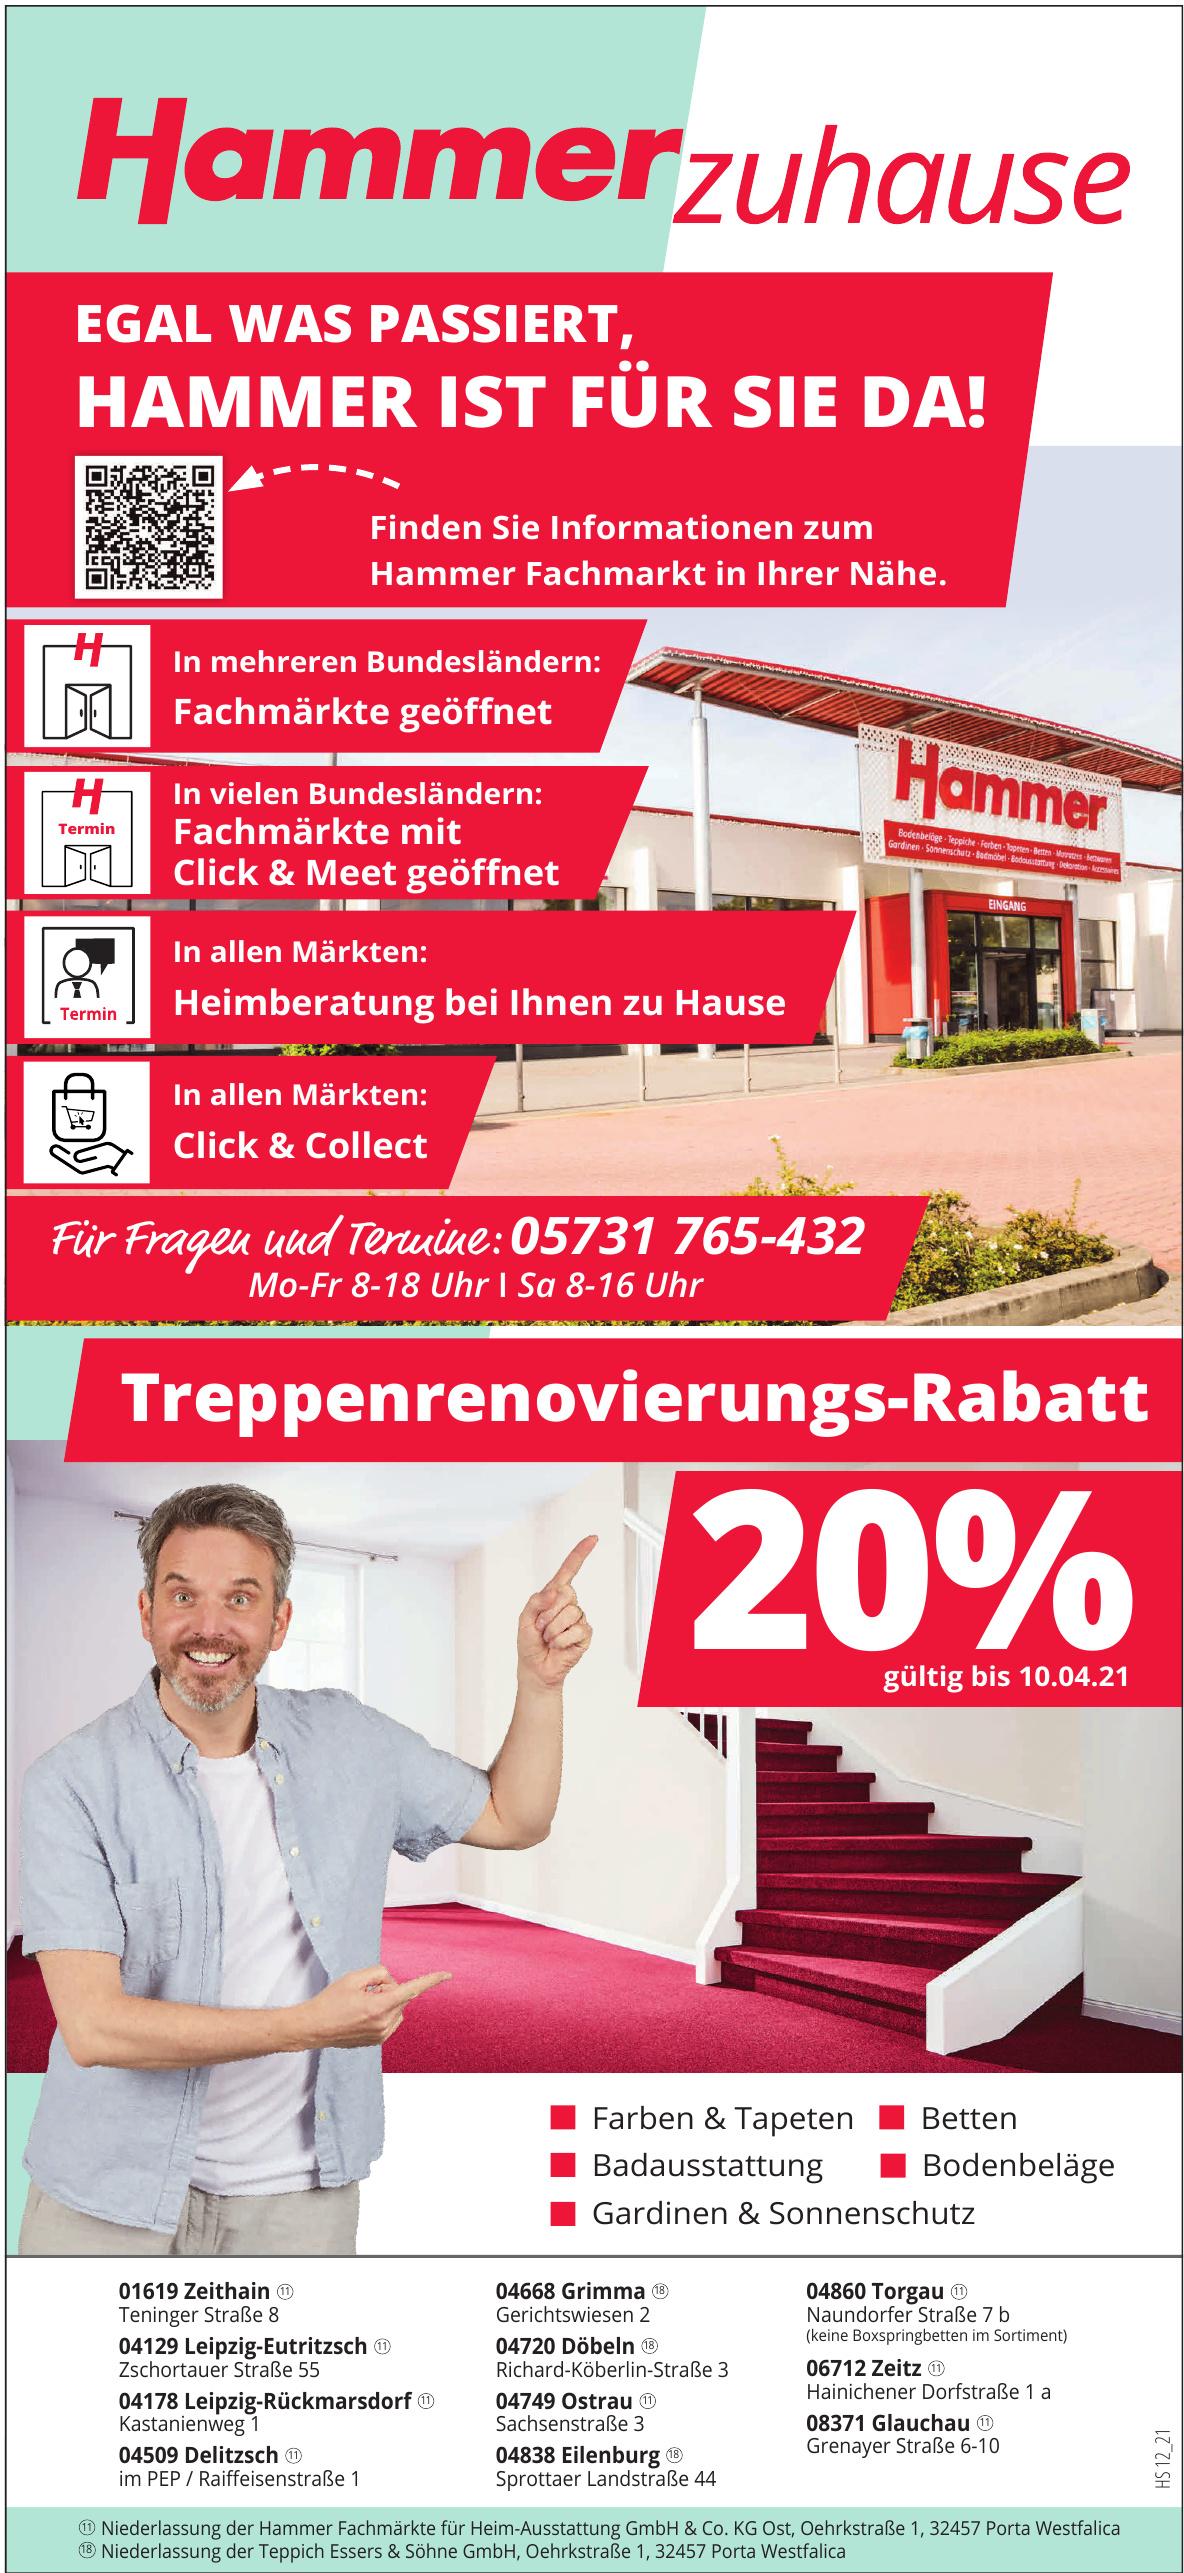 Hammer Fachmärkte für Heim-Ausstattung GmbH & Co. KG